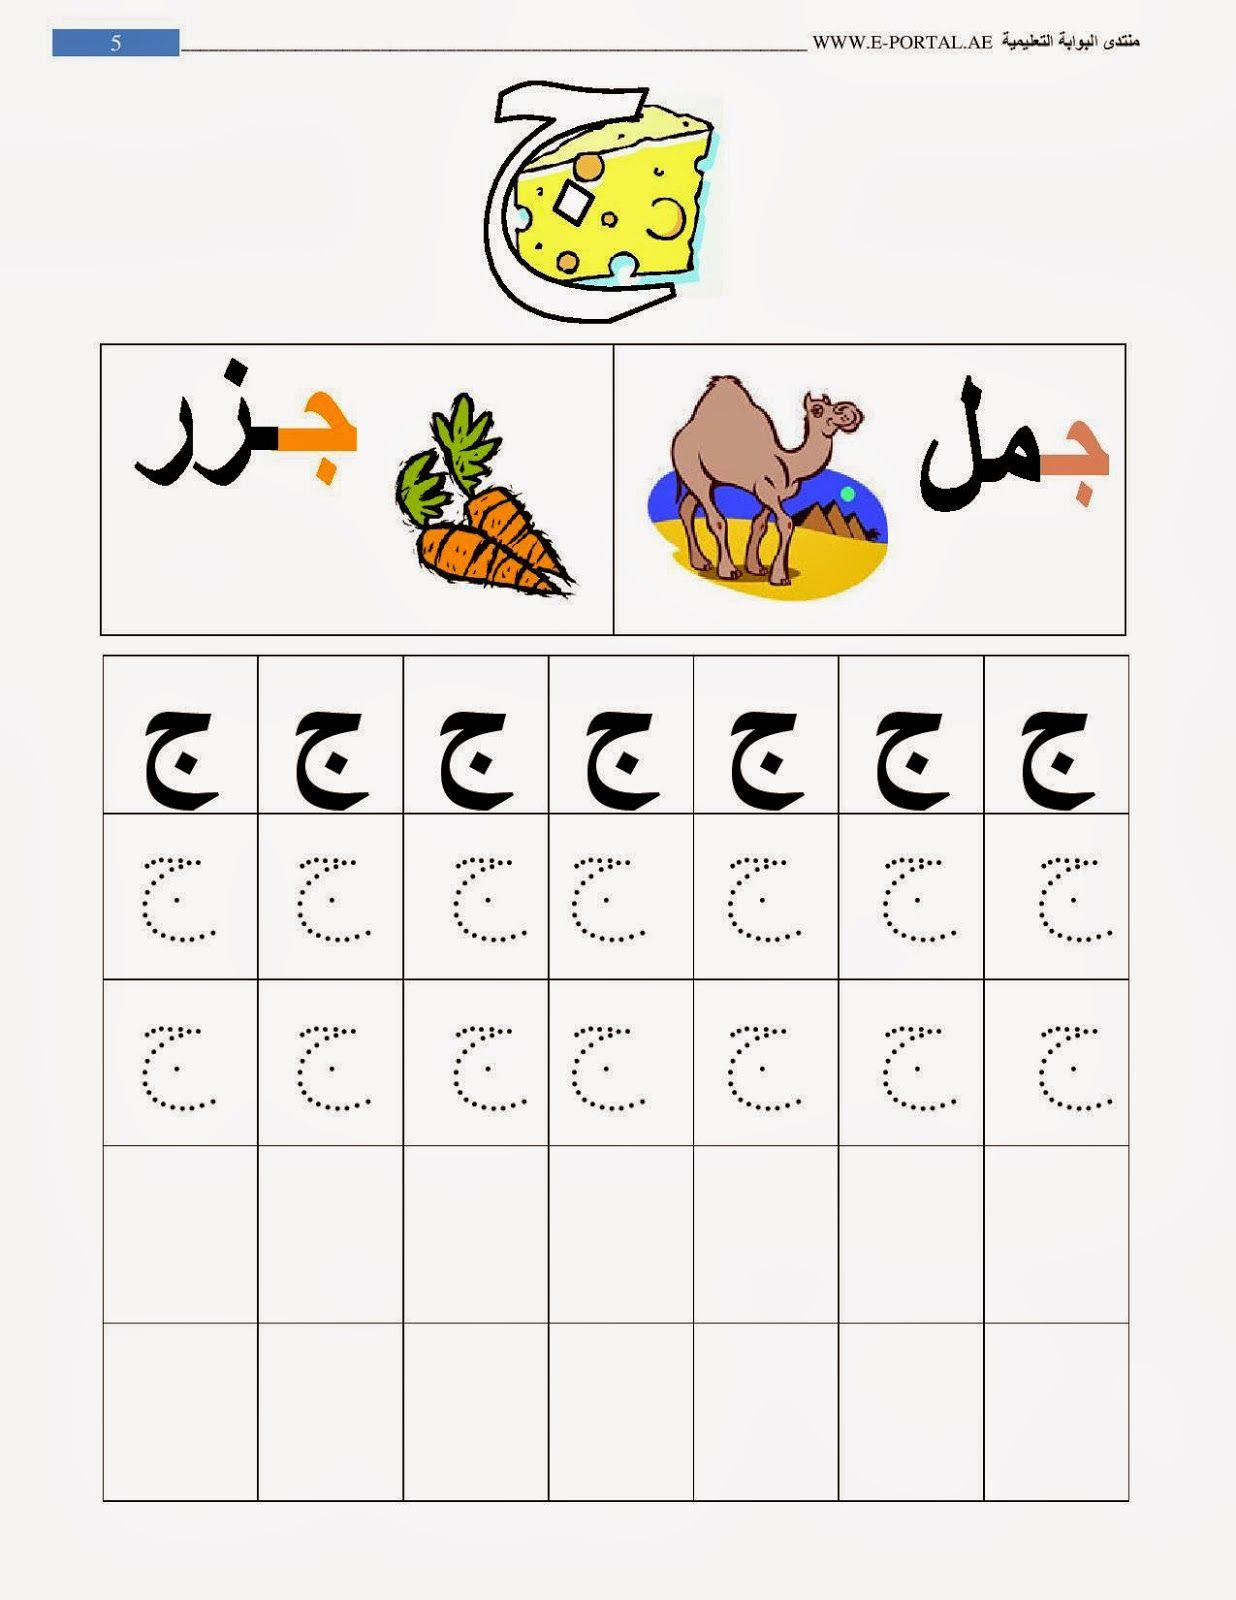 روضة العلم للاطفال كراسة حروف الهجاء Learn Arabic Alphabet Arabic Alphabet Learning Arabic